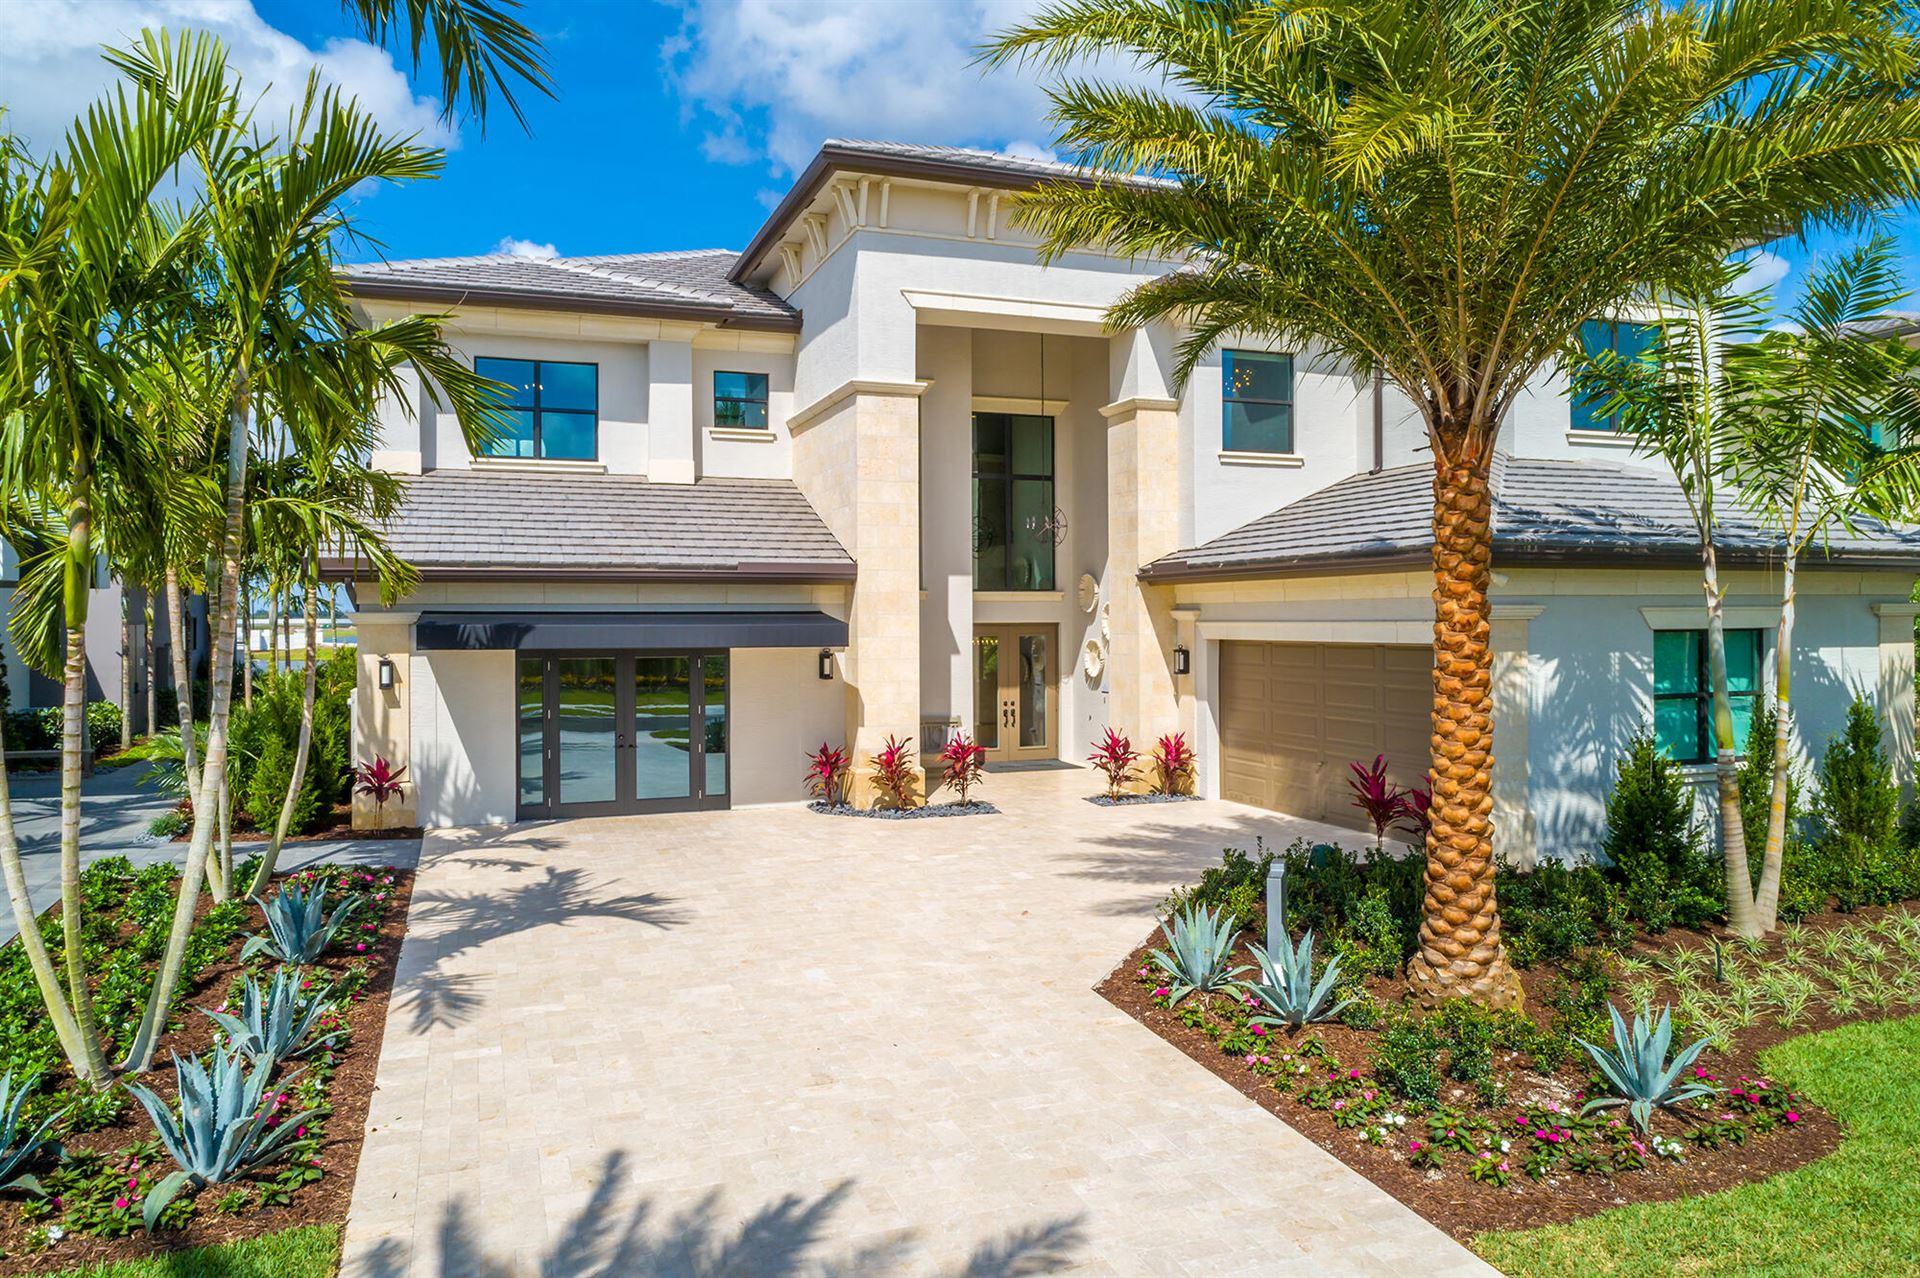 17167 Ludovica Lane, Boca Raton, FL 33496 - MLS#: RX-10744268